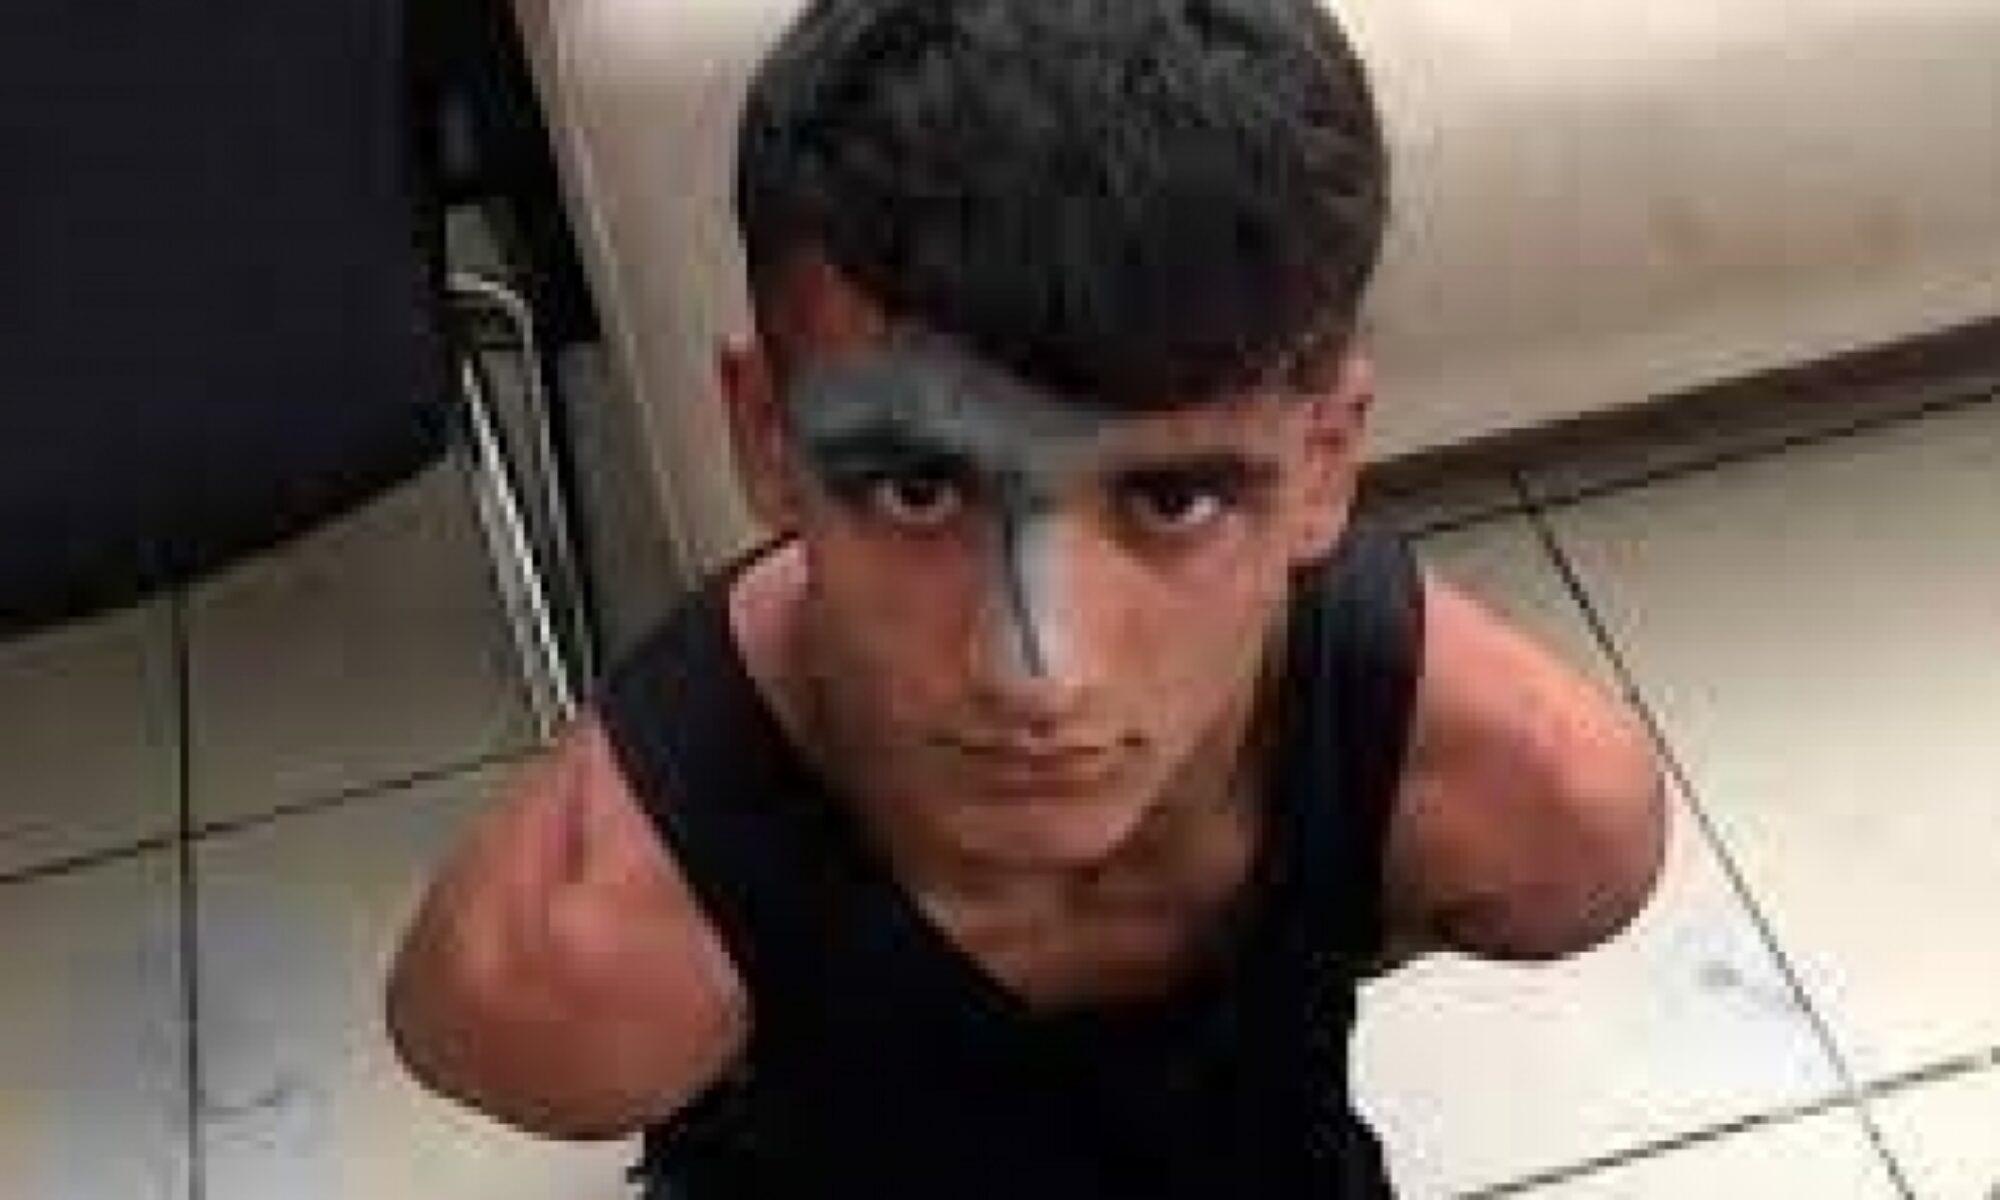 Bir polisin ölümü nedeni ile tutuklanarak cezaevinde intihar etti denen Aktar'ın babası: Oğlum Kürt olduğu için öldürüldü